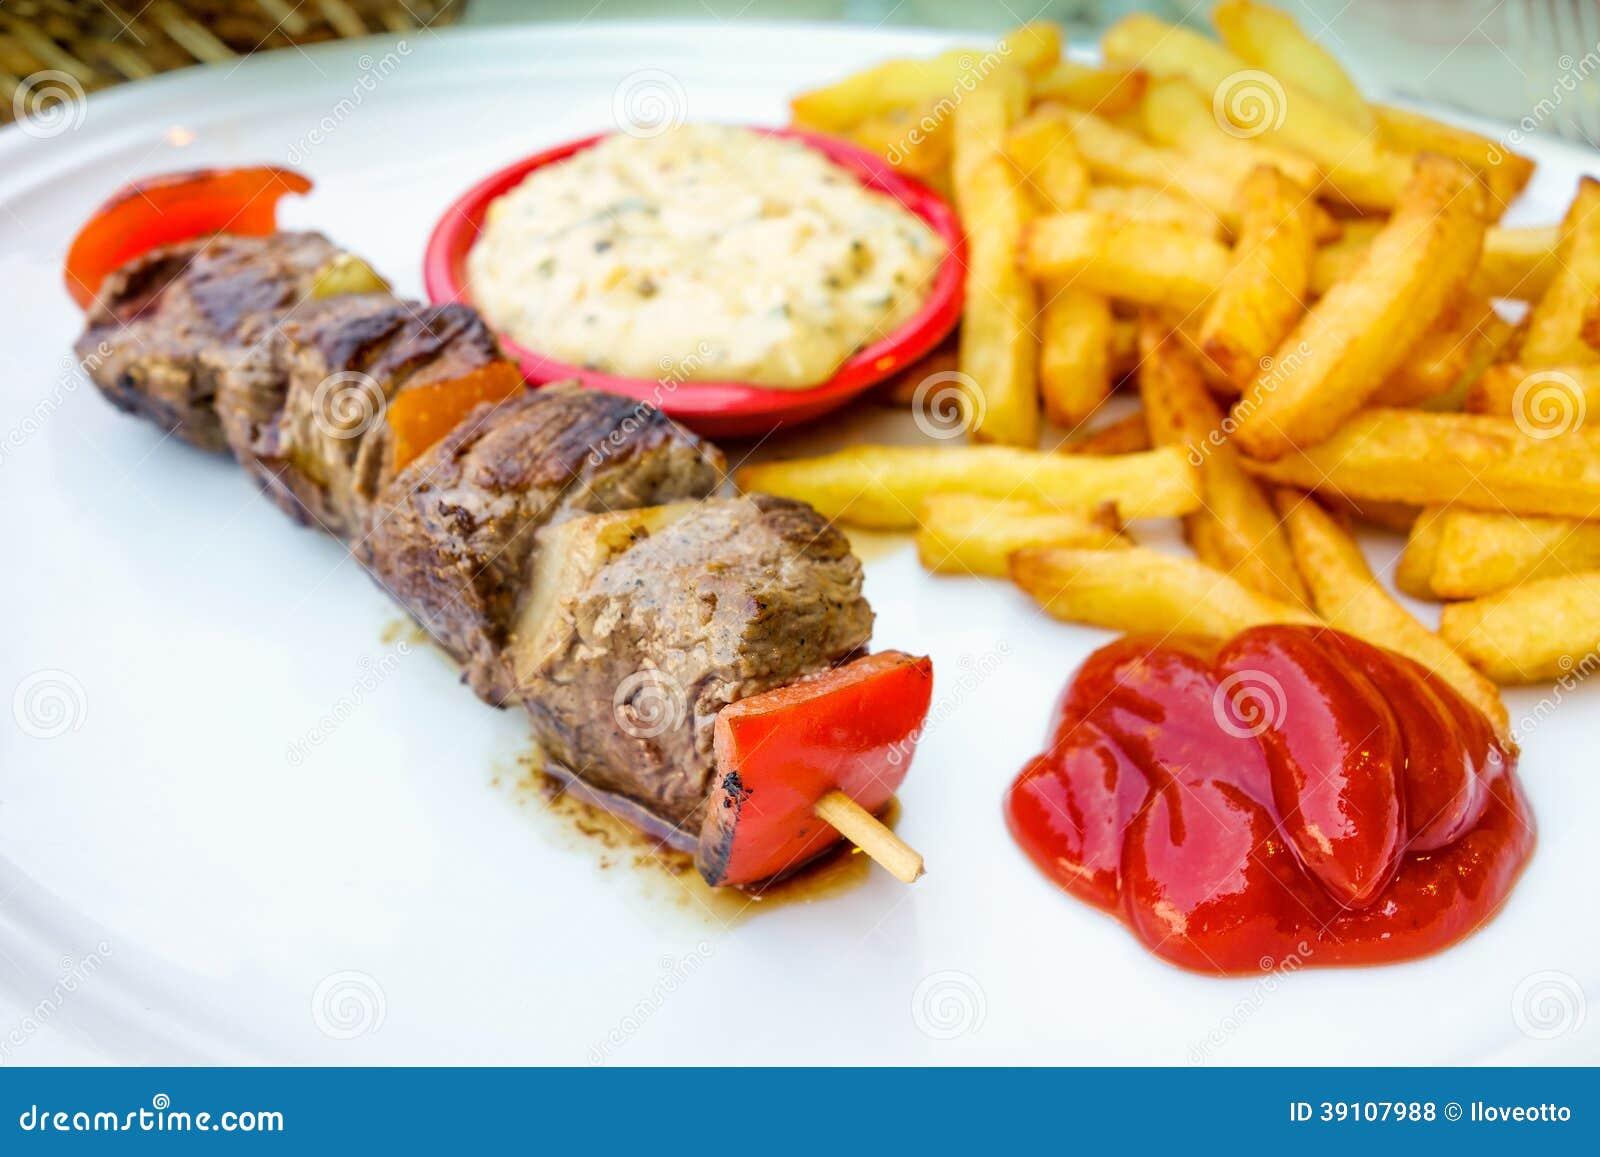 Smakelijke geroosterde vlees en groentenvleespennen